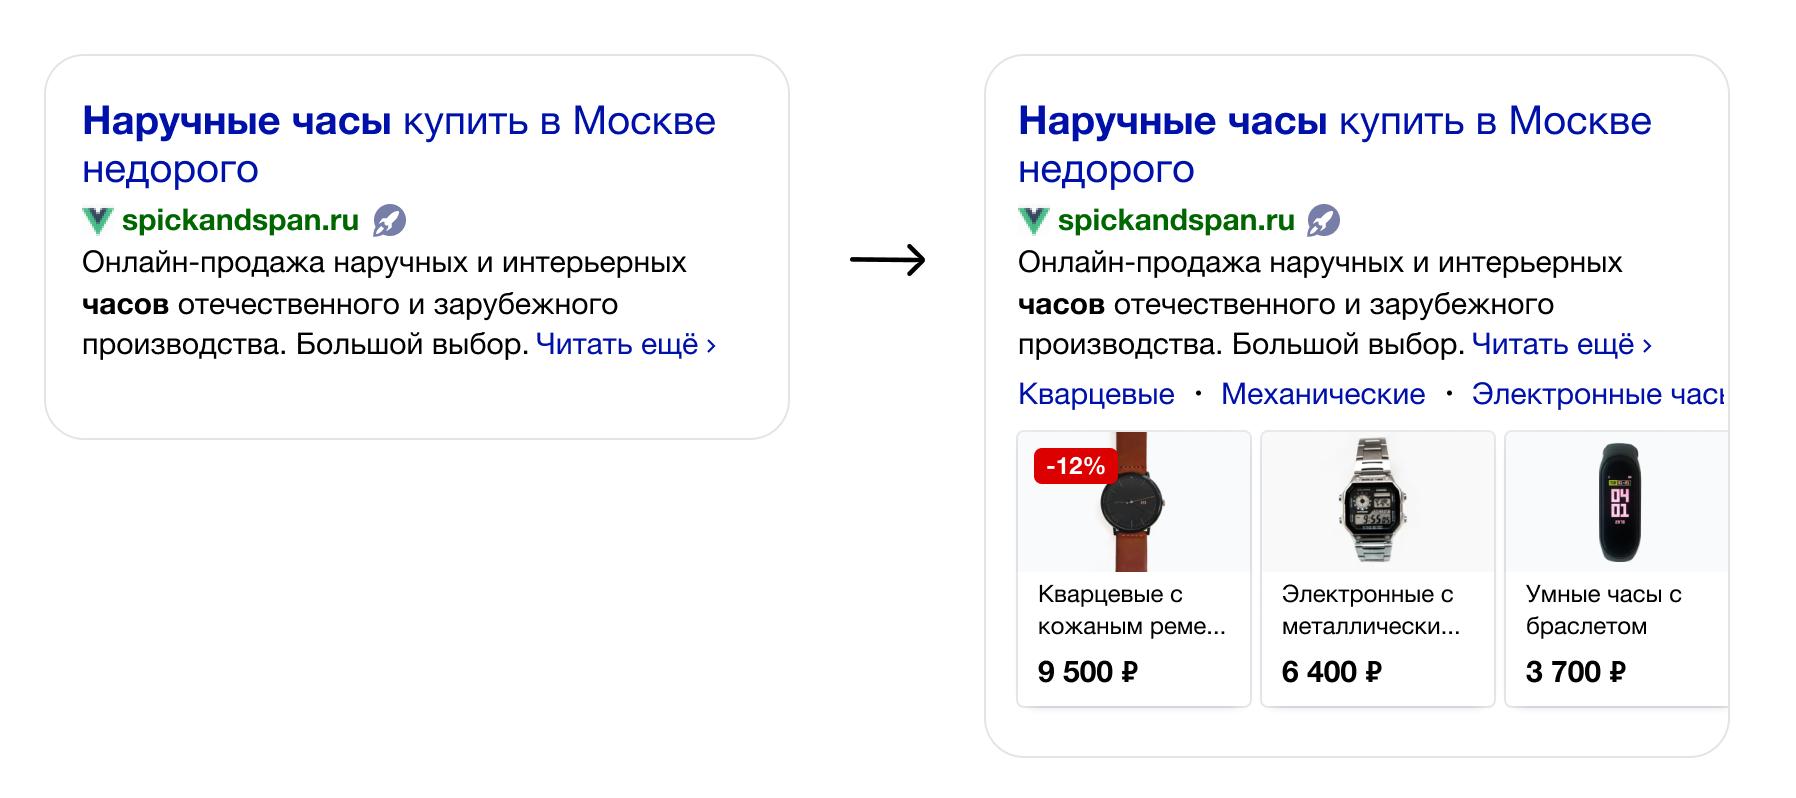 Карусели с товарами Яндекс Дзен